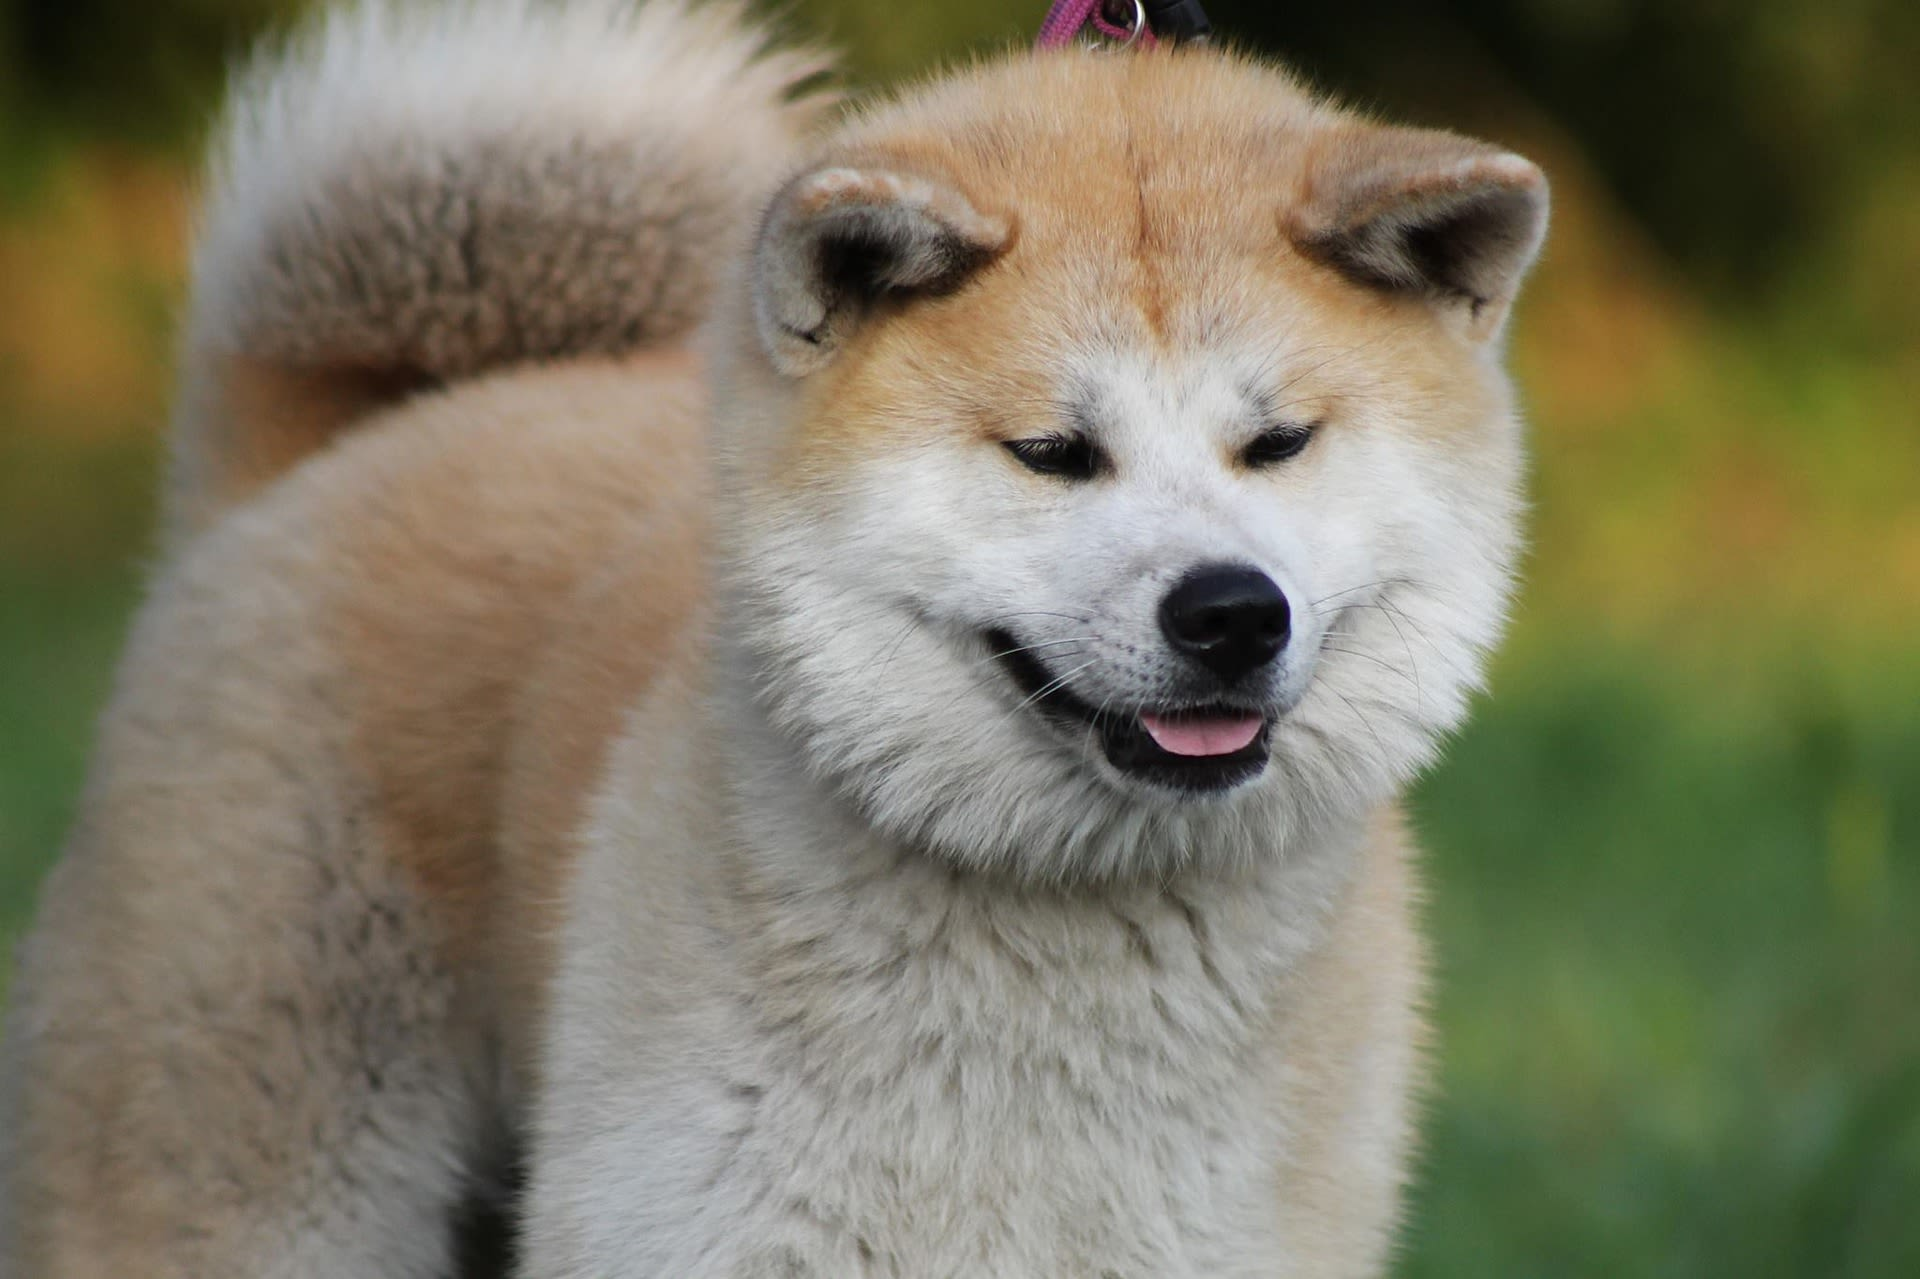 ザキトワ選手のマサルでおなじみの秋田犬に会えるかも?